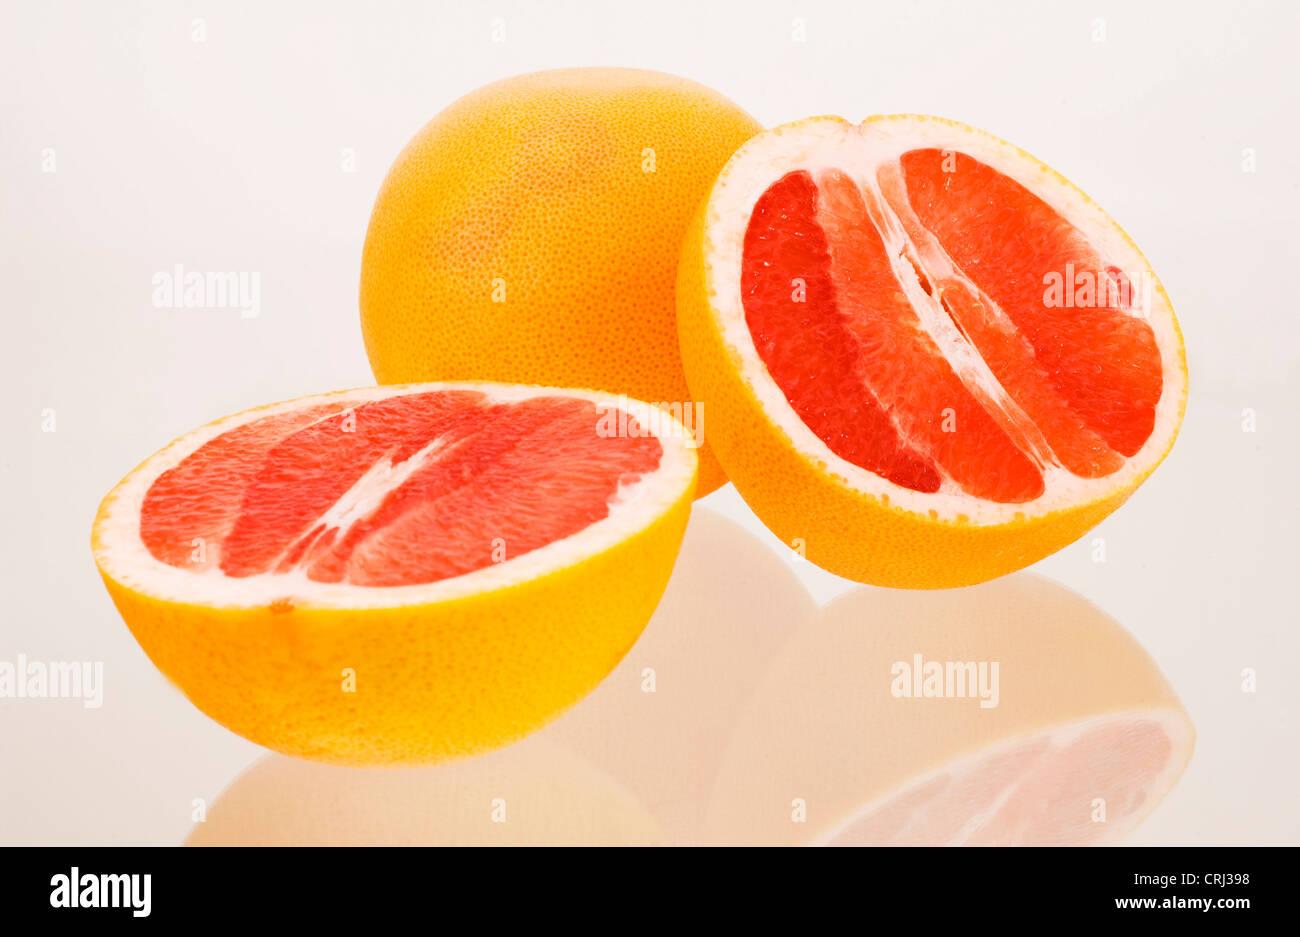 Le lycopène antioxydant Les agrumes Citrus paradisi Denrée alimentaire demi Pamplemousse fruits sains Photo Stock